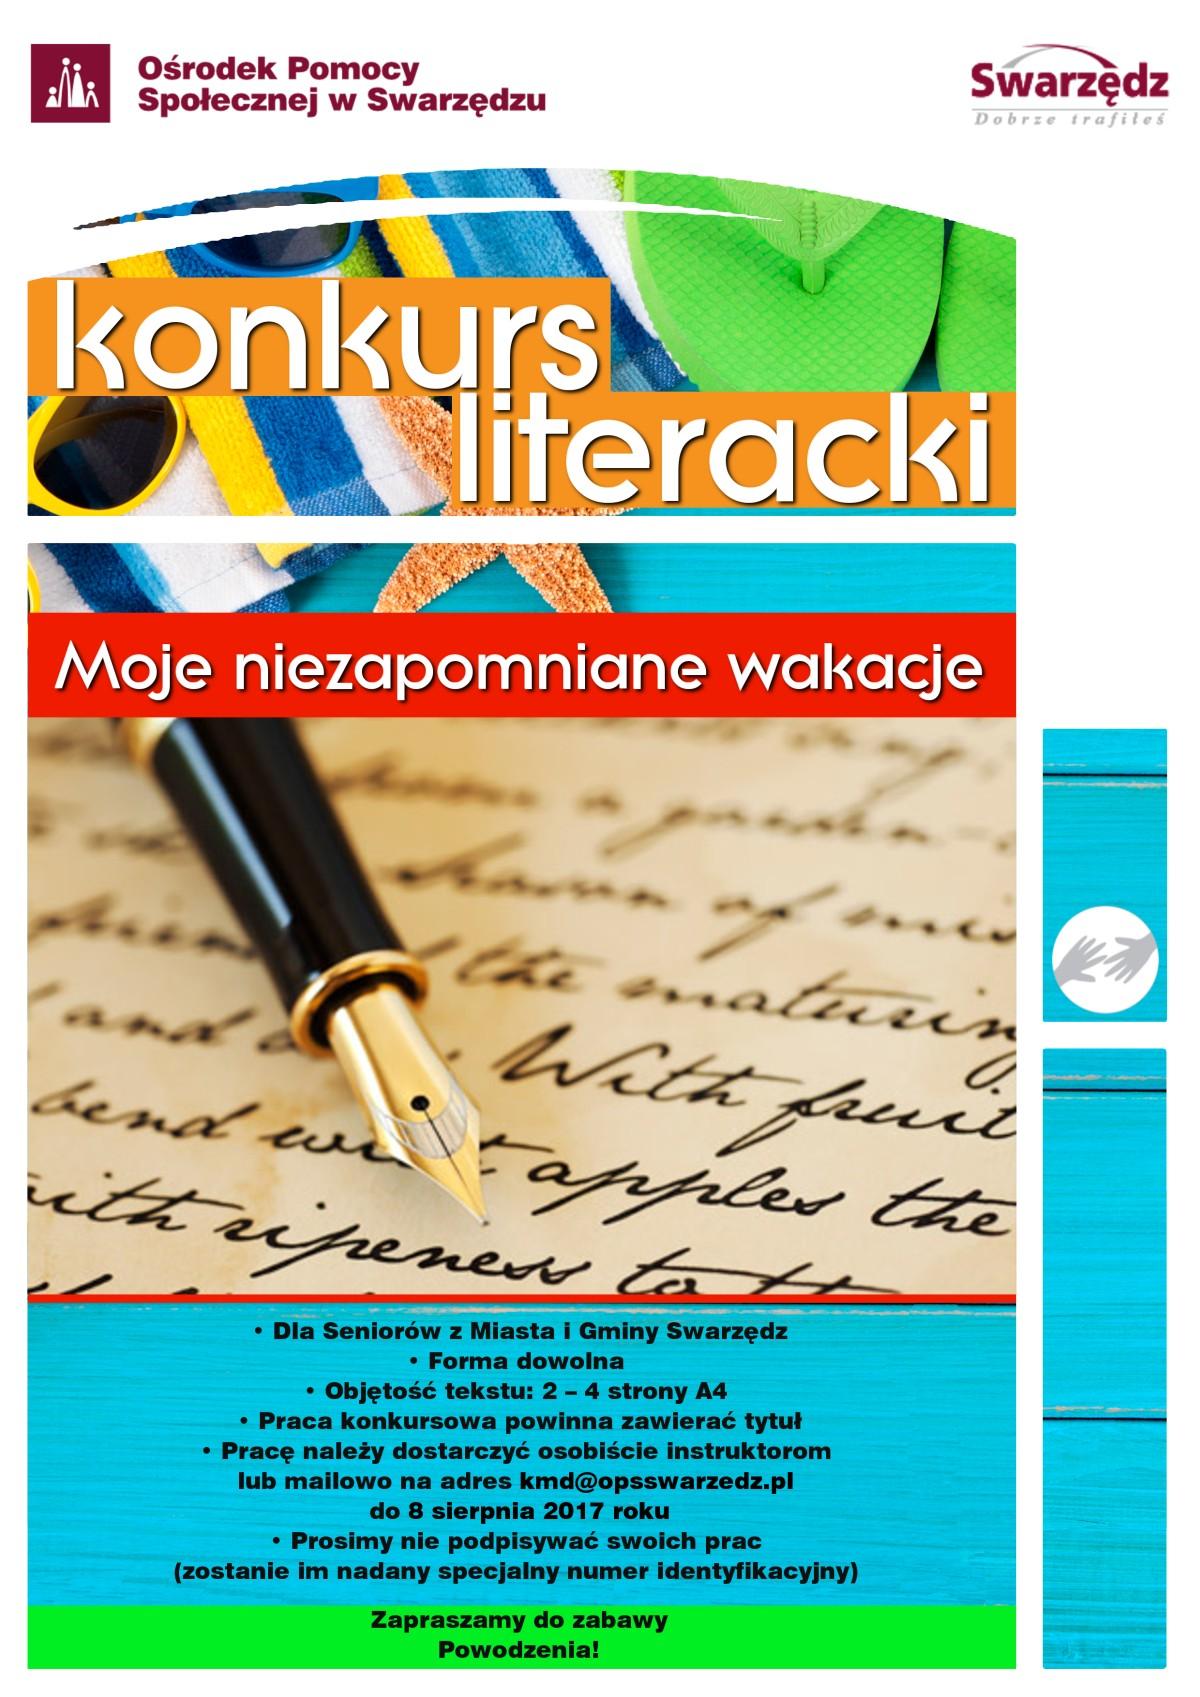 konnkurs literacki kmd copy copy